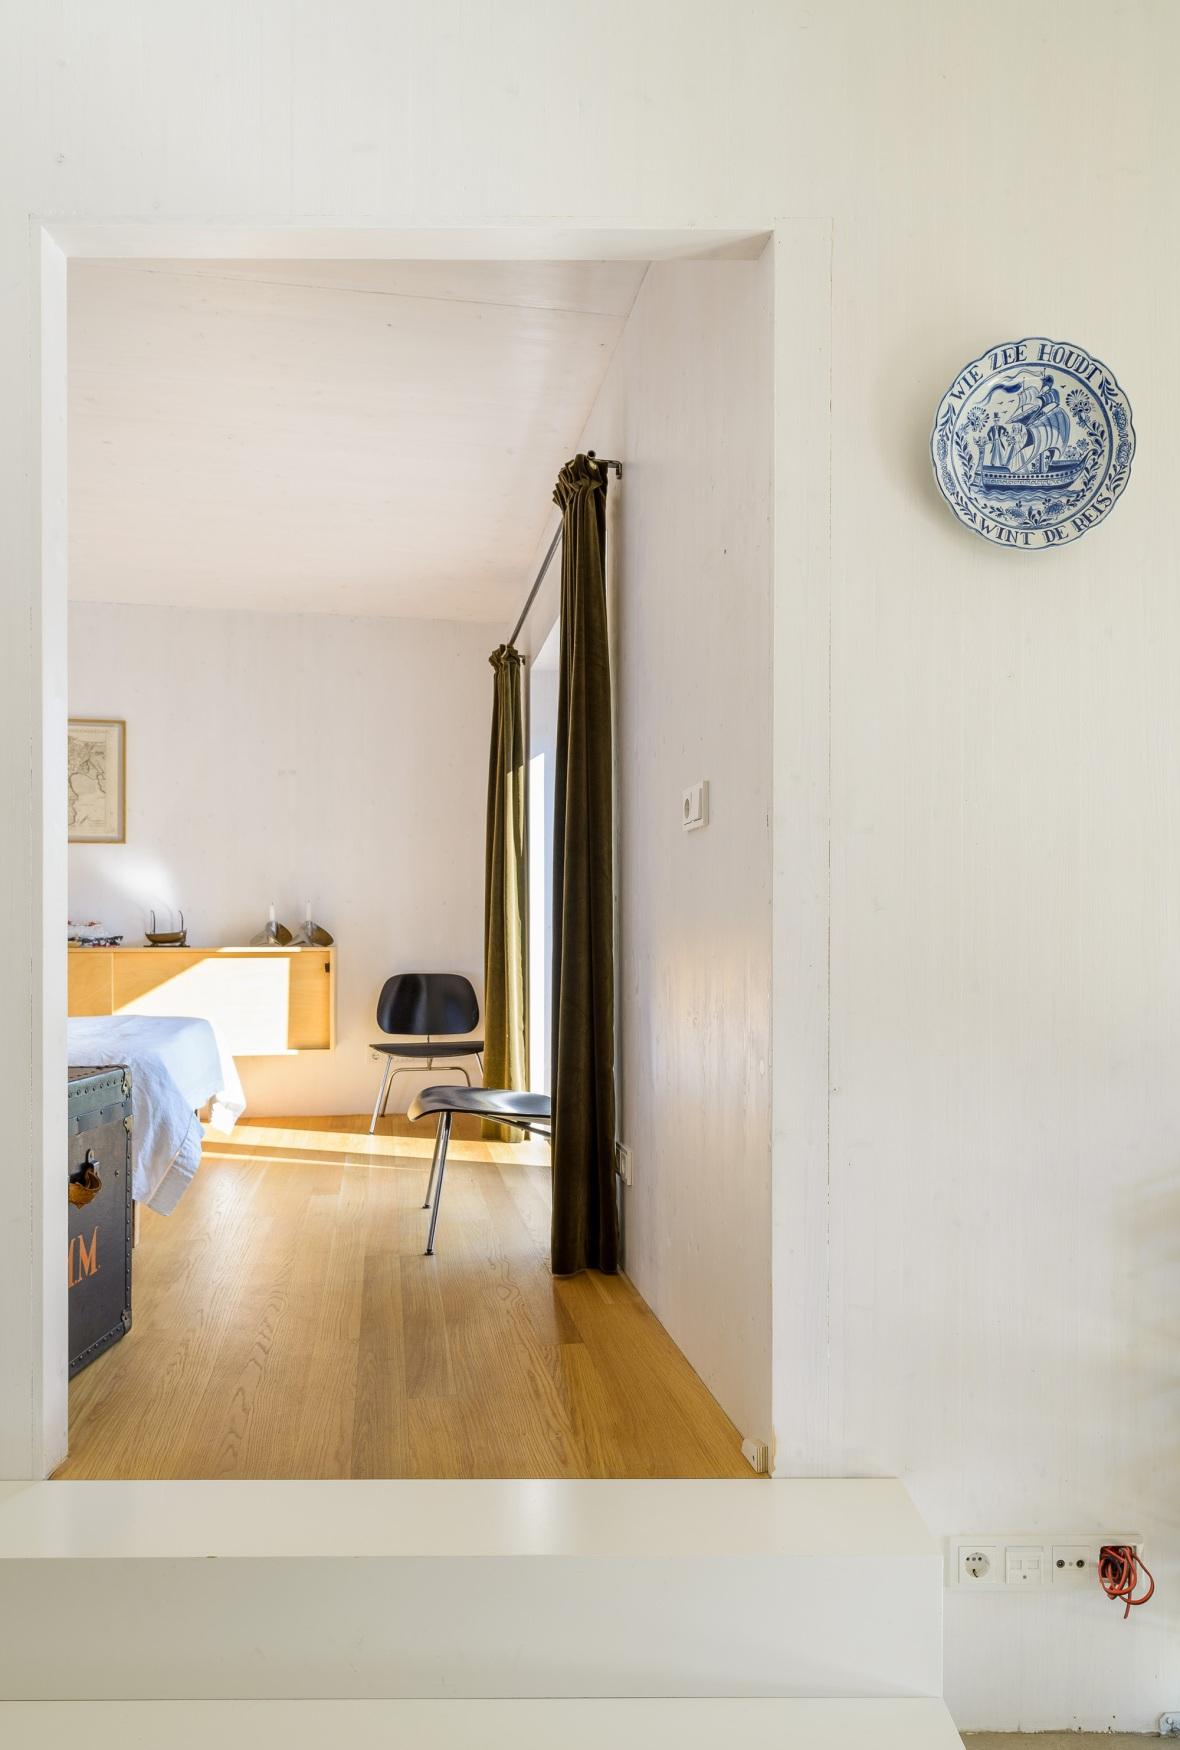 52ddff84e8e44ebd08000090_casa moderna la tara _ Arhipura